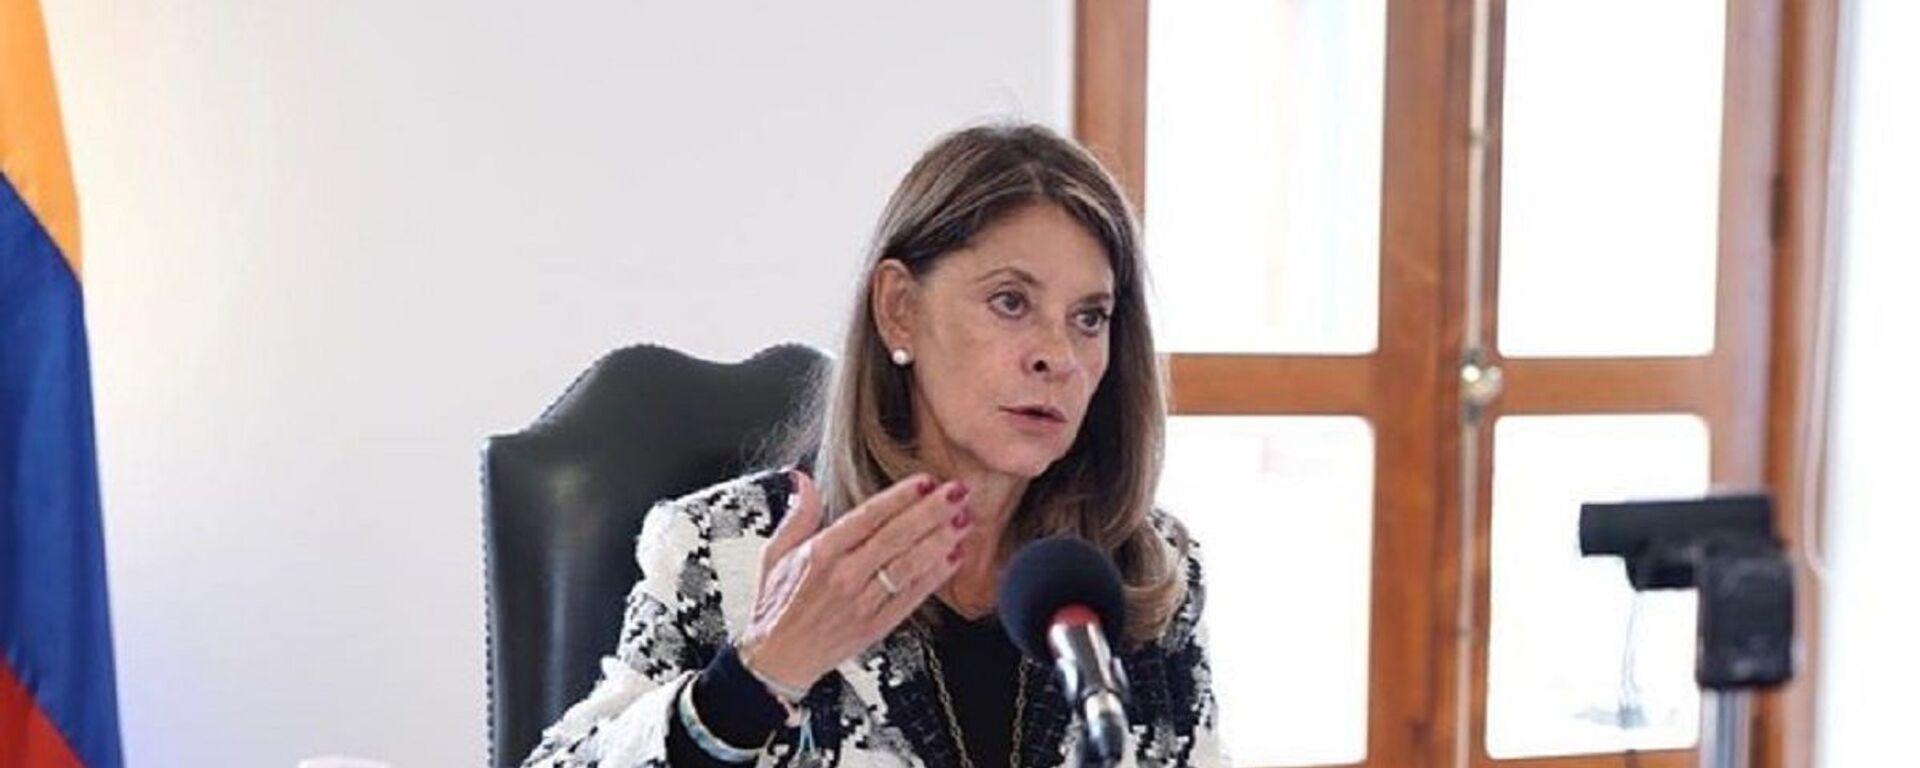 Marta Lucía Ramírez, vicepresidenta de Colombia - Sputnik Mundo, 1920, 05.10.2021